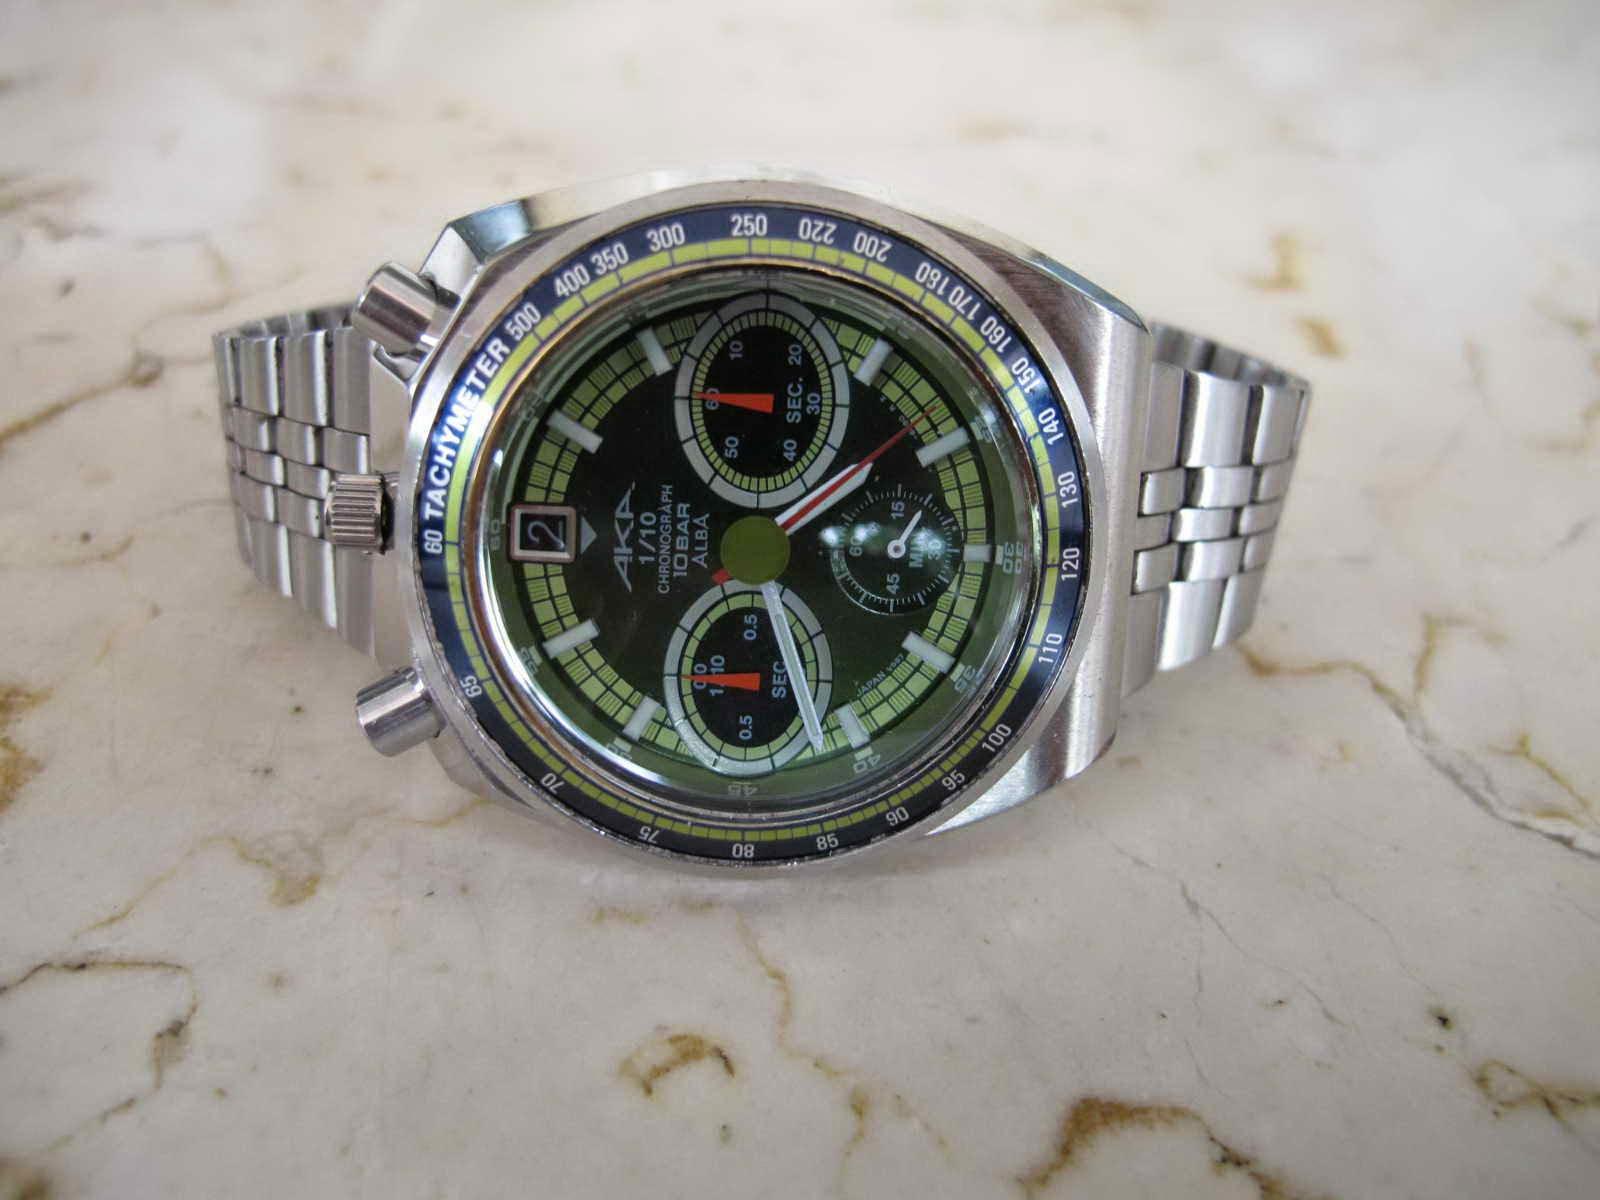 Fungsi chronograph detik jalan sempurna hanya saja chronograph menit sub dial tengah bawah tidak bergerak Cocok untuk Anda yang sedang mencari